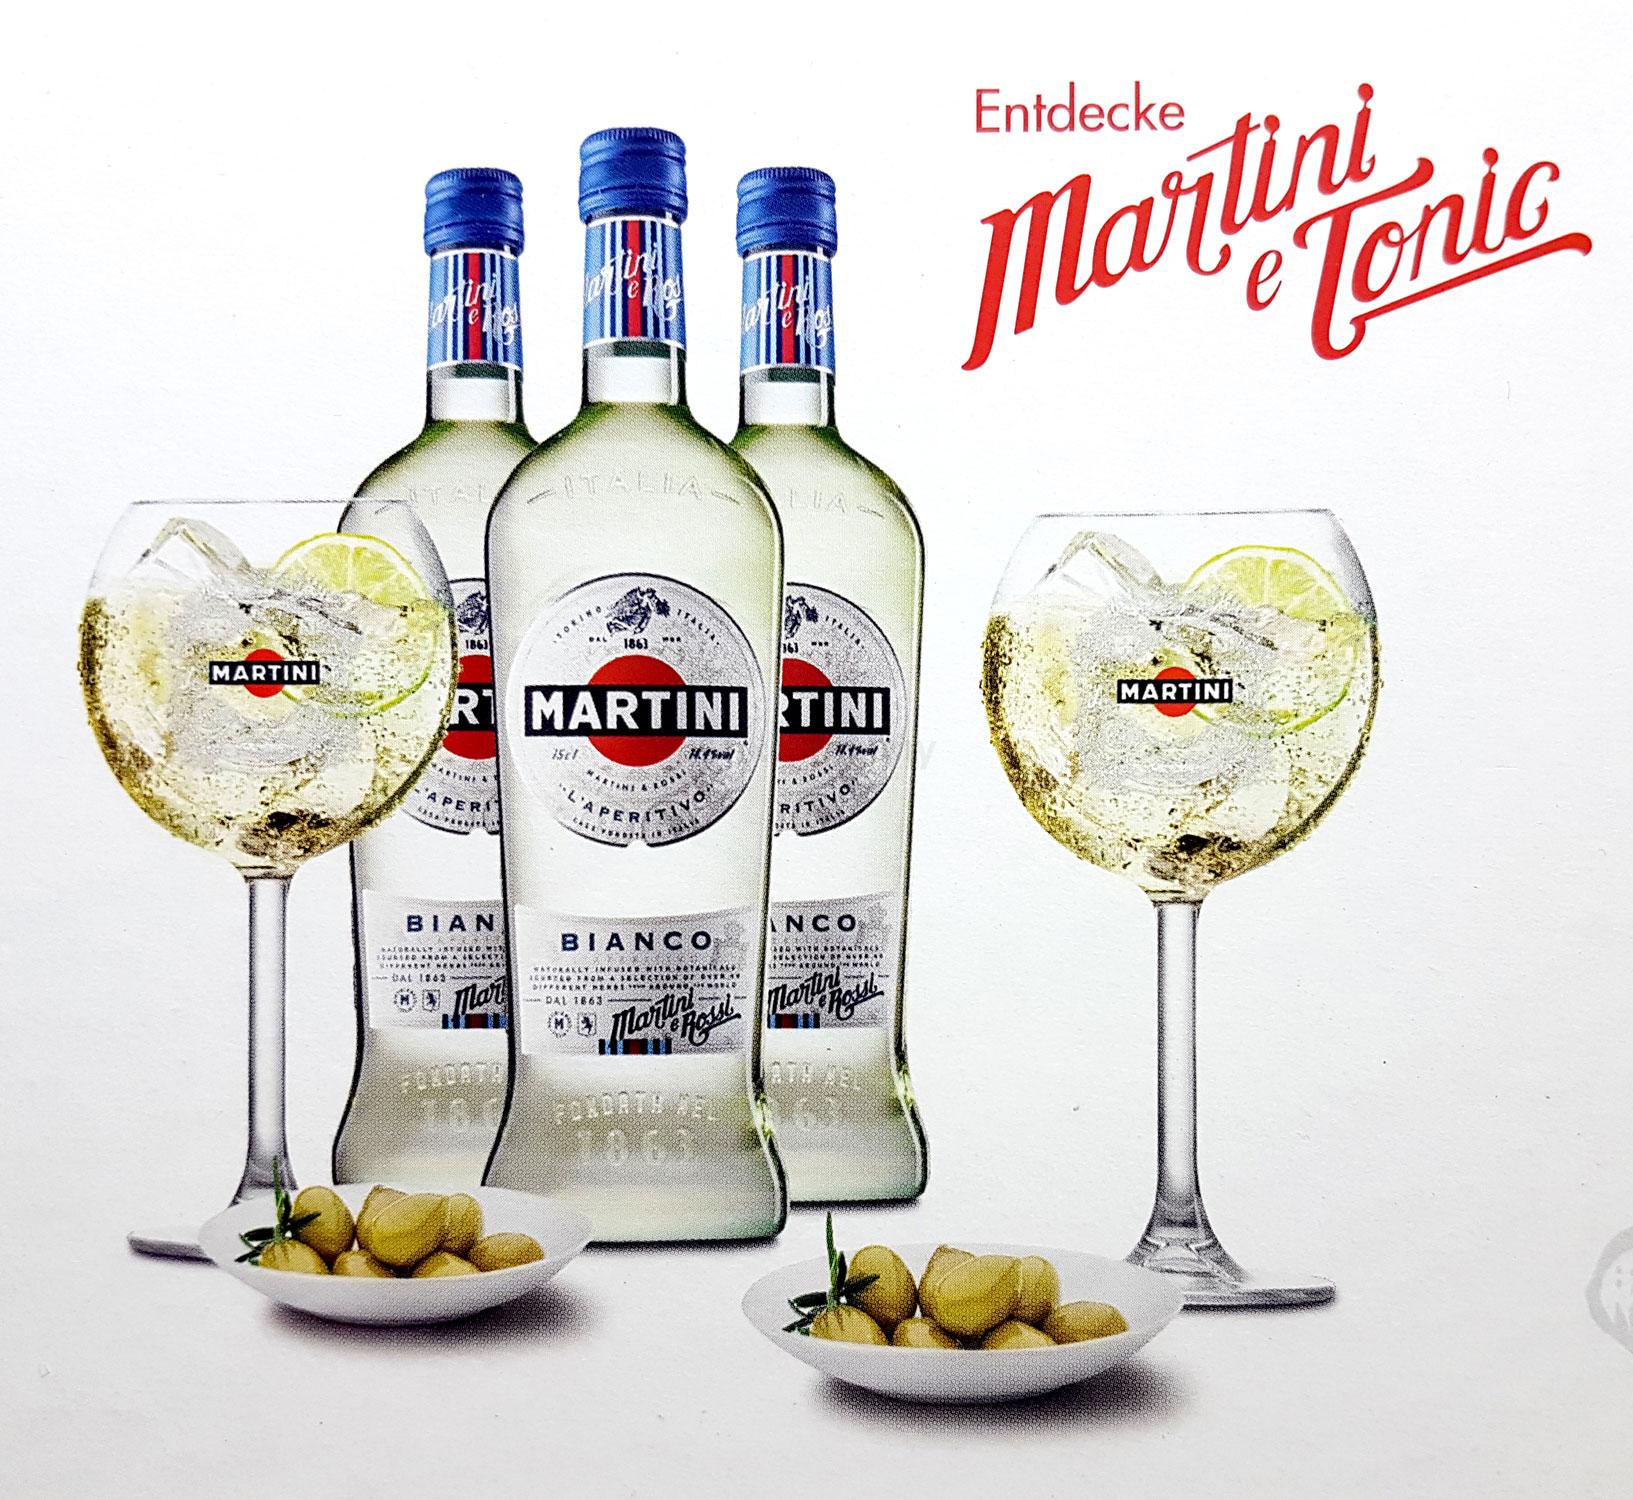 Martini Set - 3x Martini Bianco 0,75l (14,4% Vol) + 2x Gläser + OHNE SCHALEN -[Enthält Sulfite]